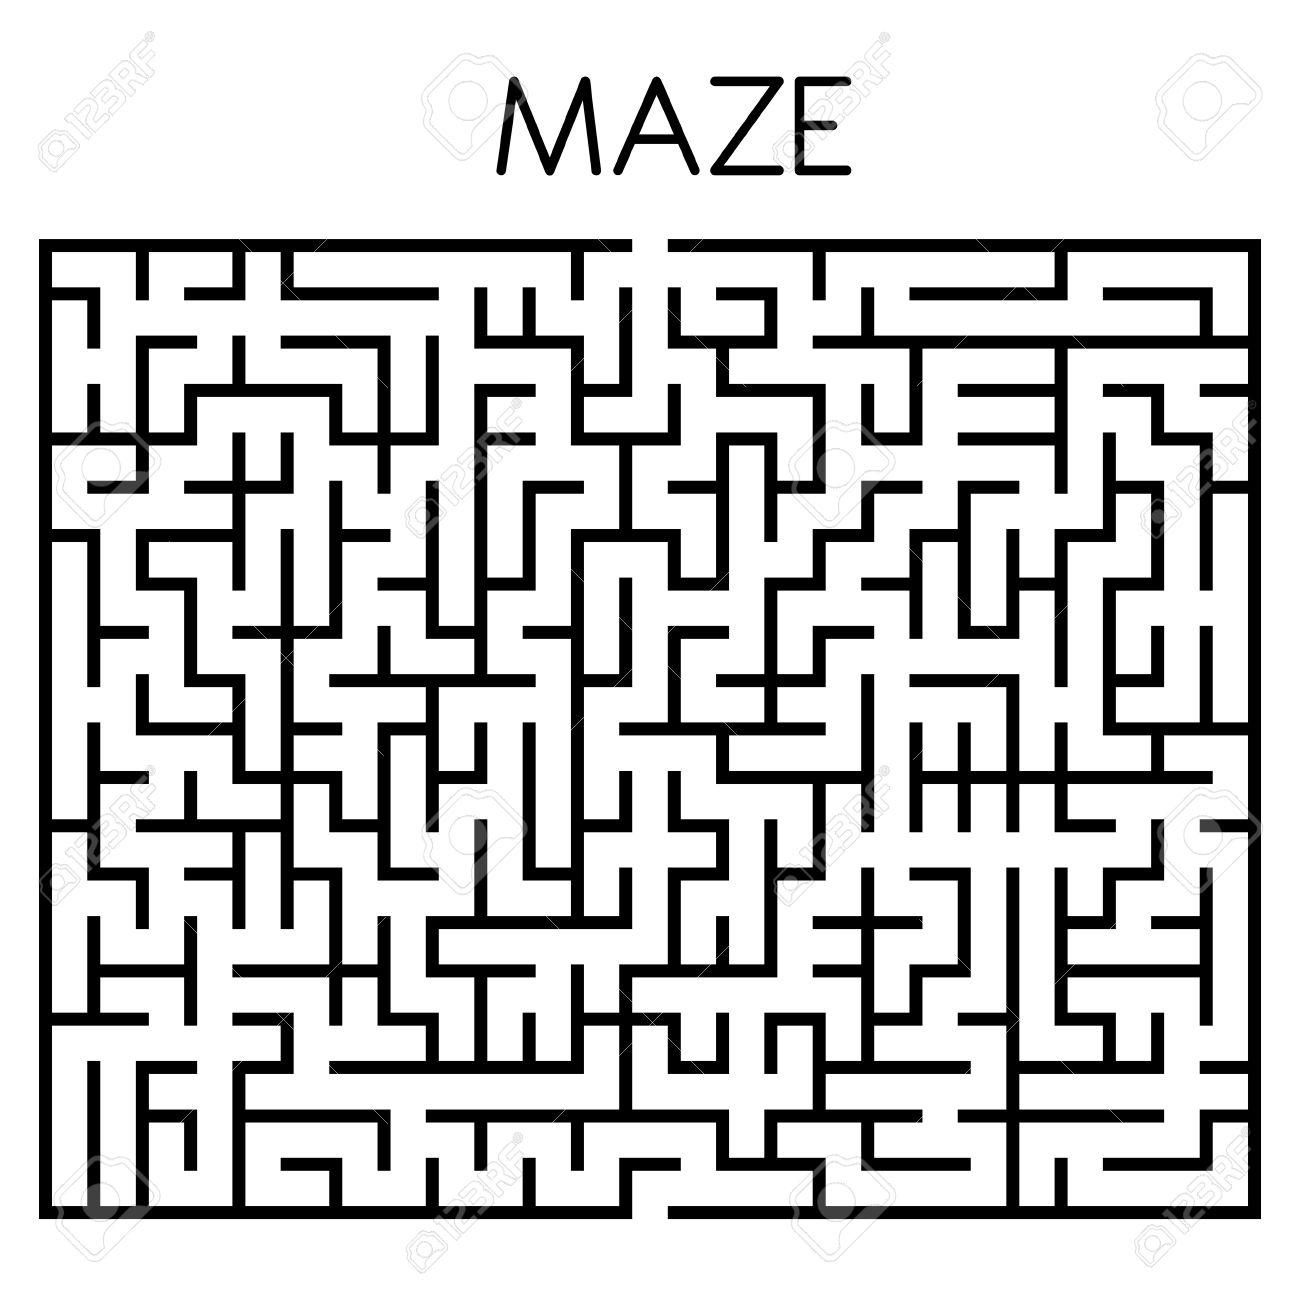 maze game illustration isolated on white background royalty free